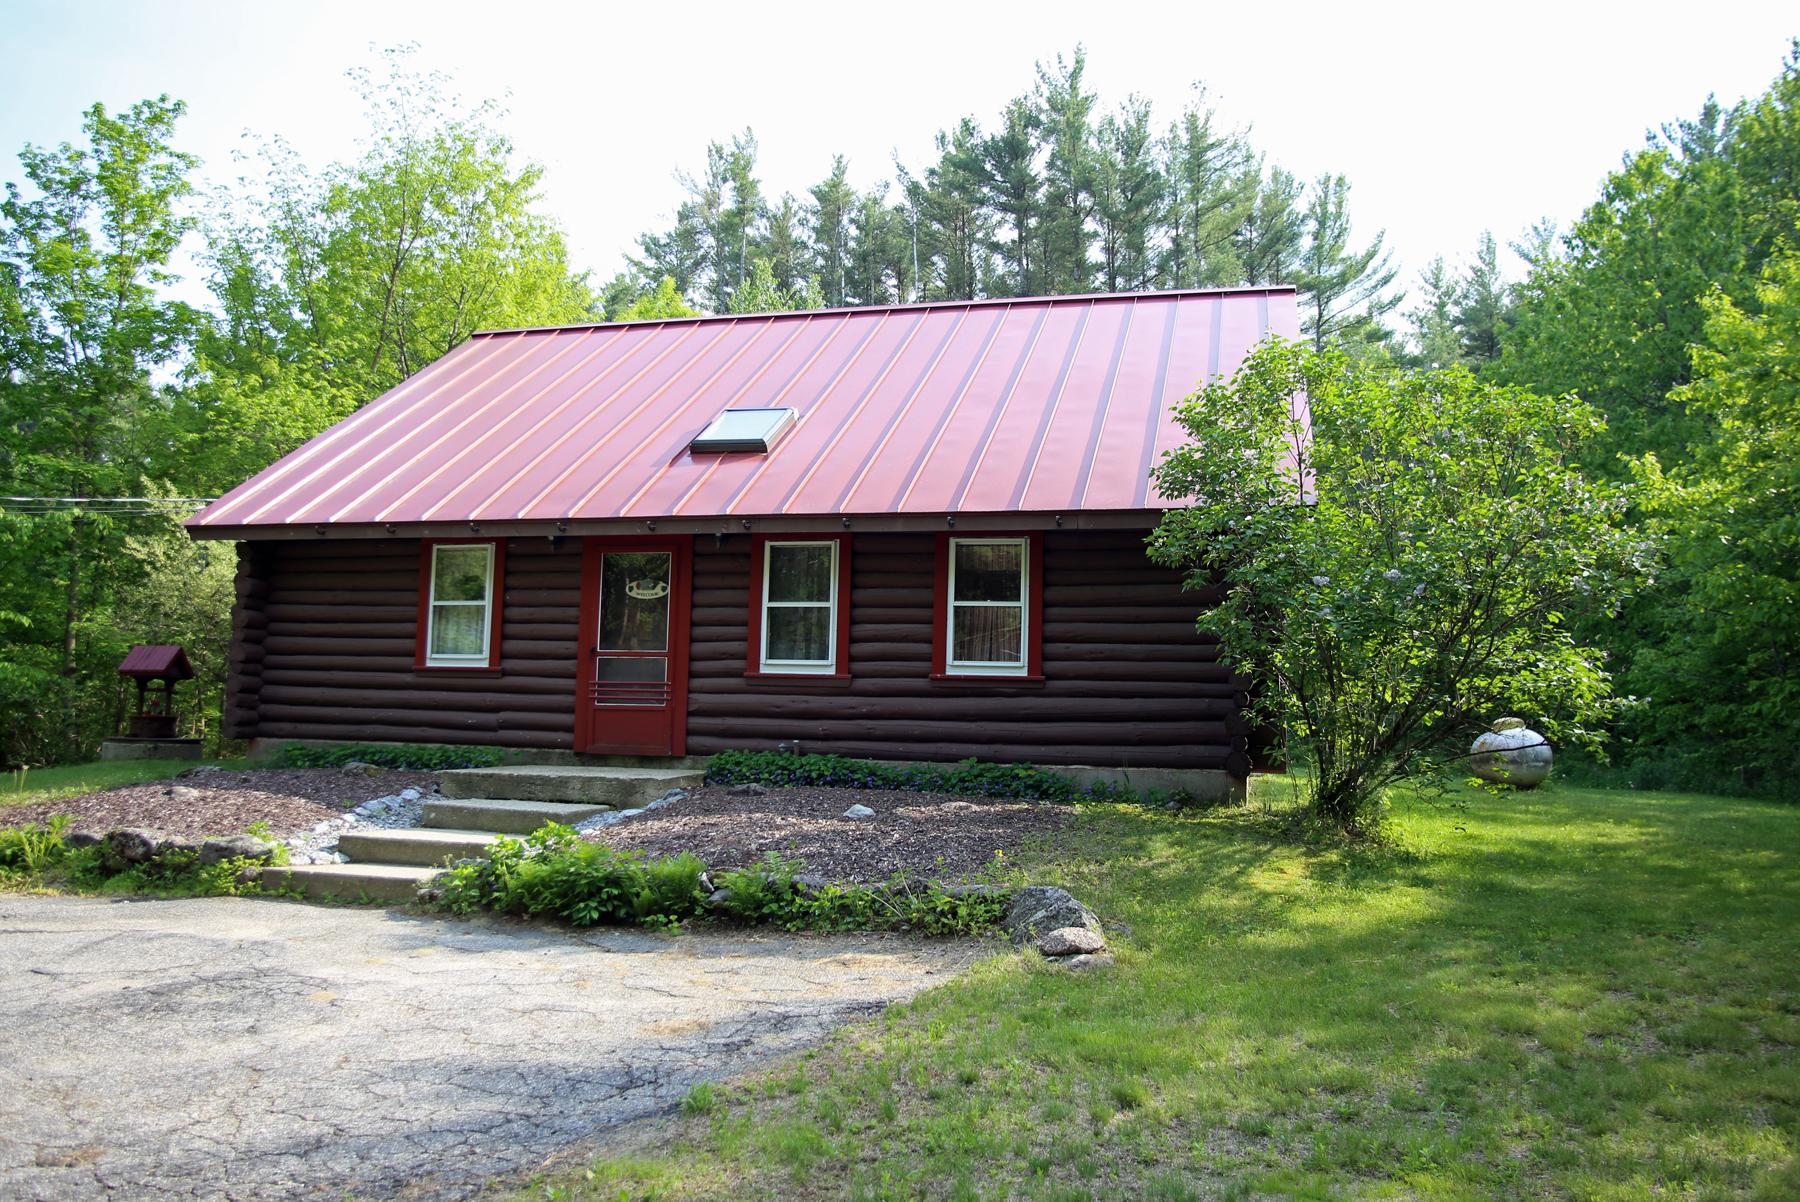 Maison unifamiliale pour l Vente à 149 Morse Hill, Newbury 149 Morse Hill Rd Newbury, New Hampshire, 03255 États-Unis